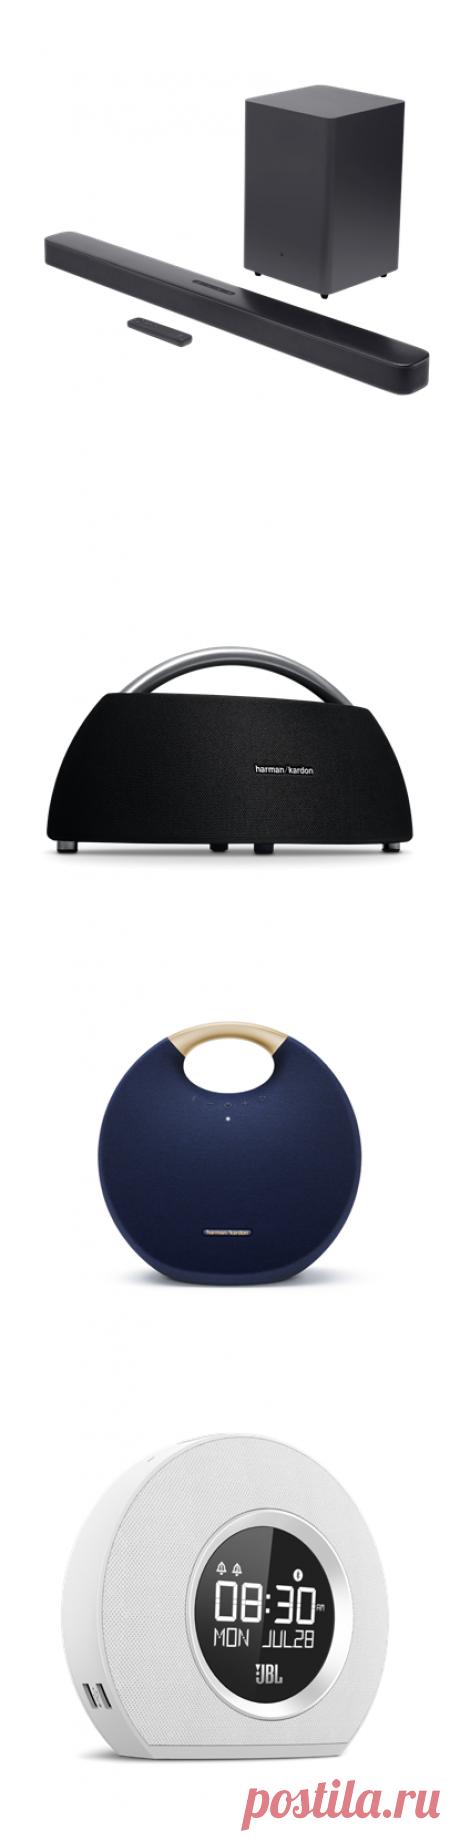 Домашние аудио системы JBL в интернет-магазине - купить в Москве, цены | Harman